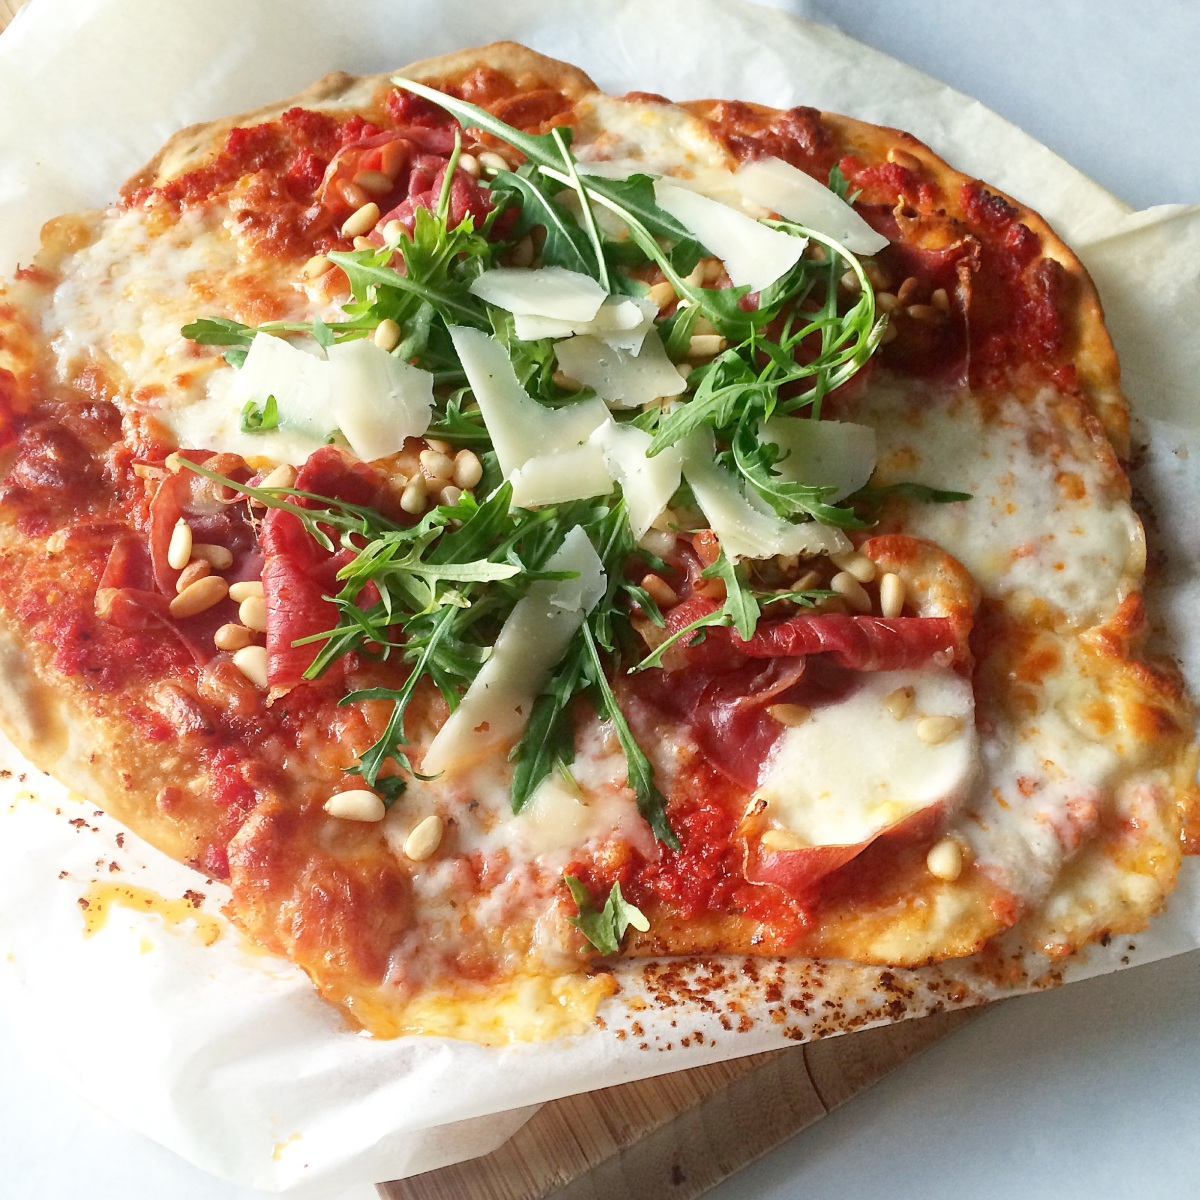 Italiensk pizza - smakfull, enkel og rask tilberedning